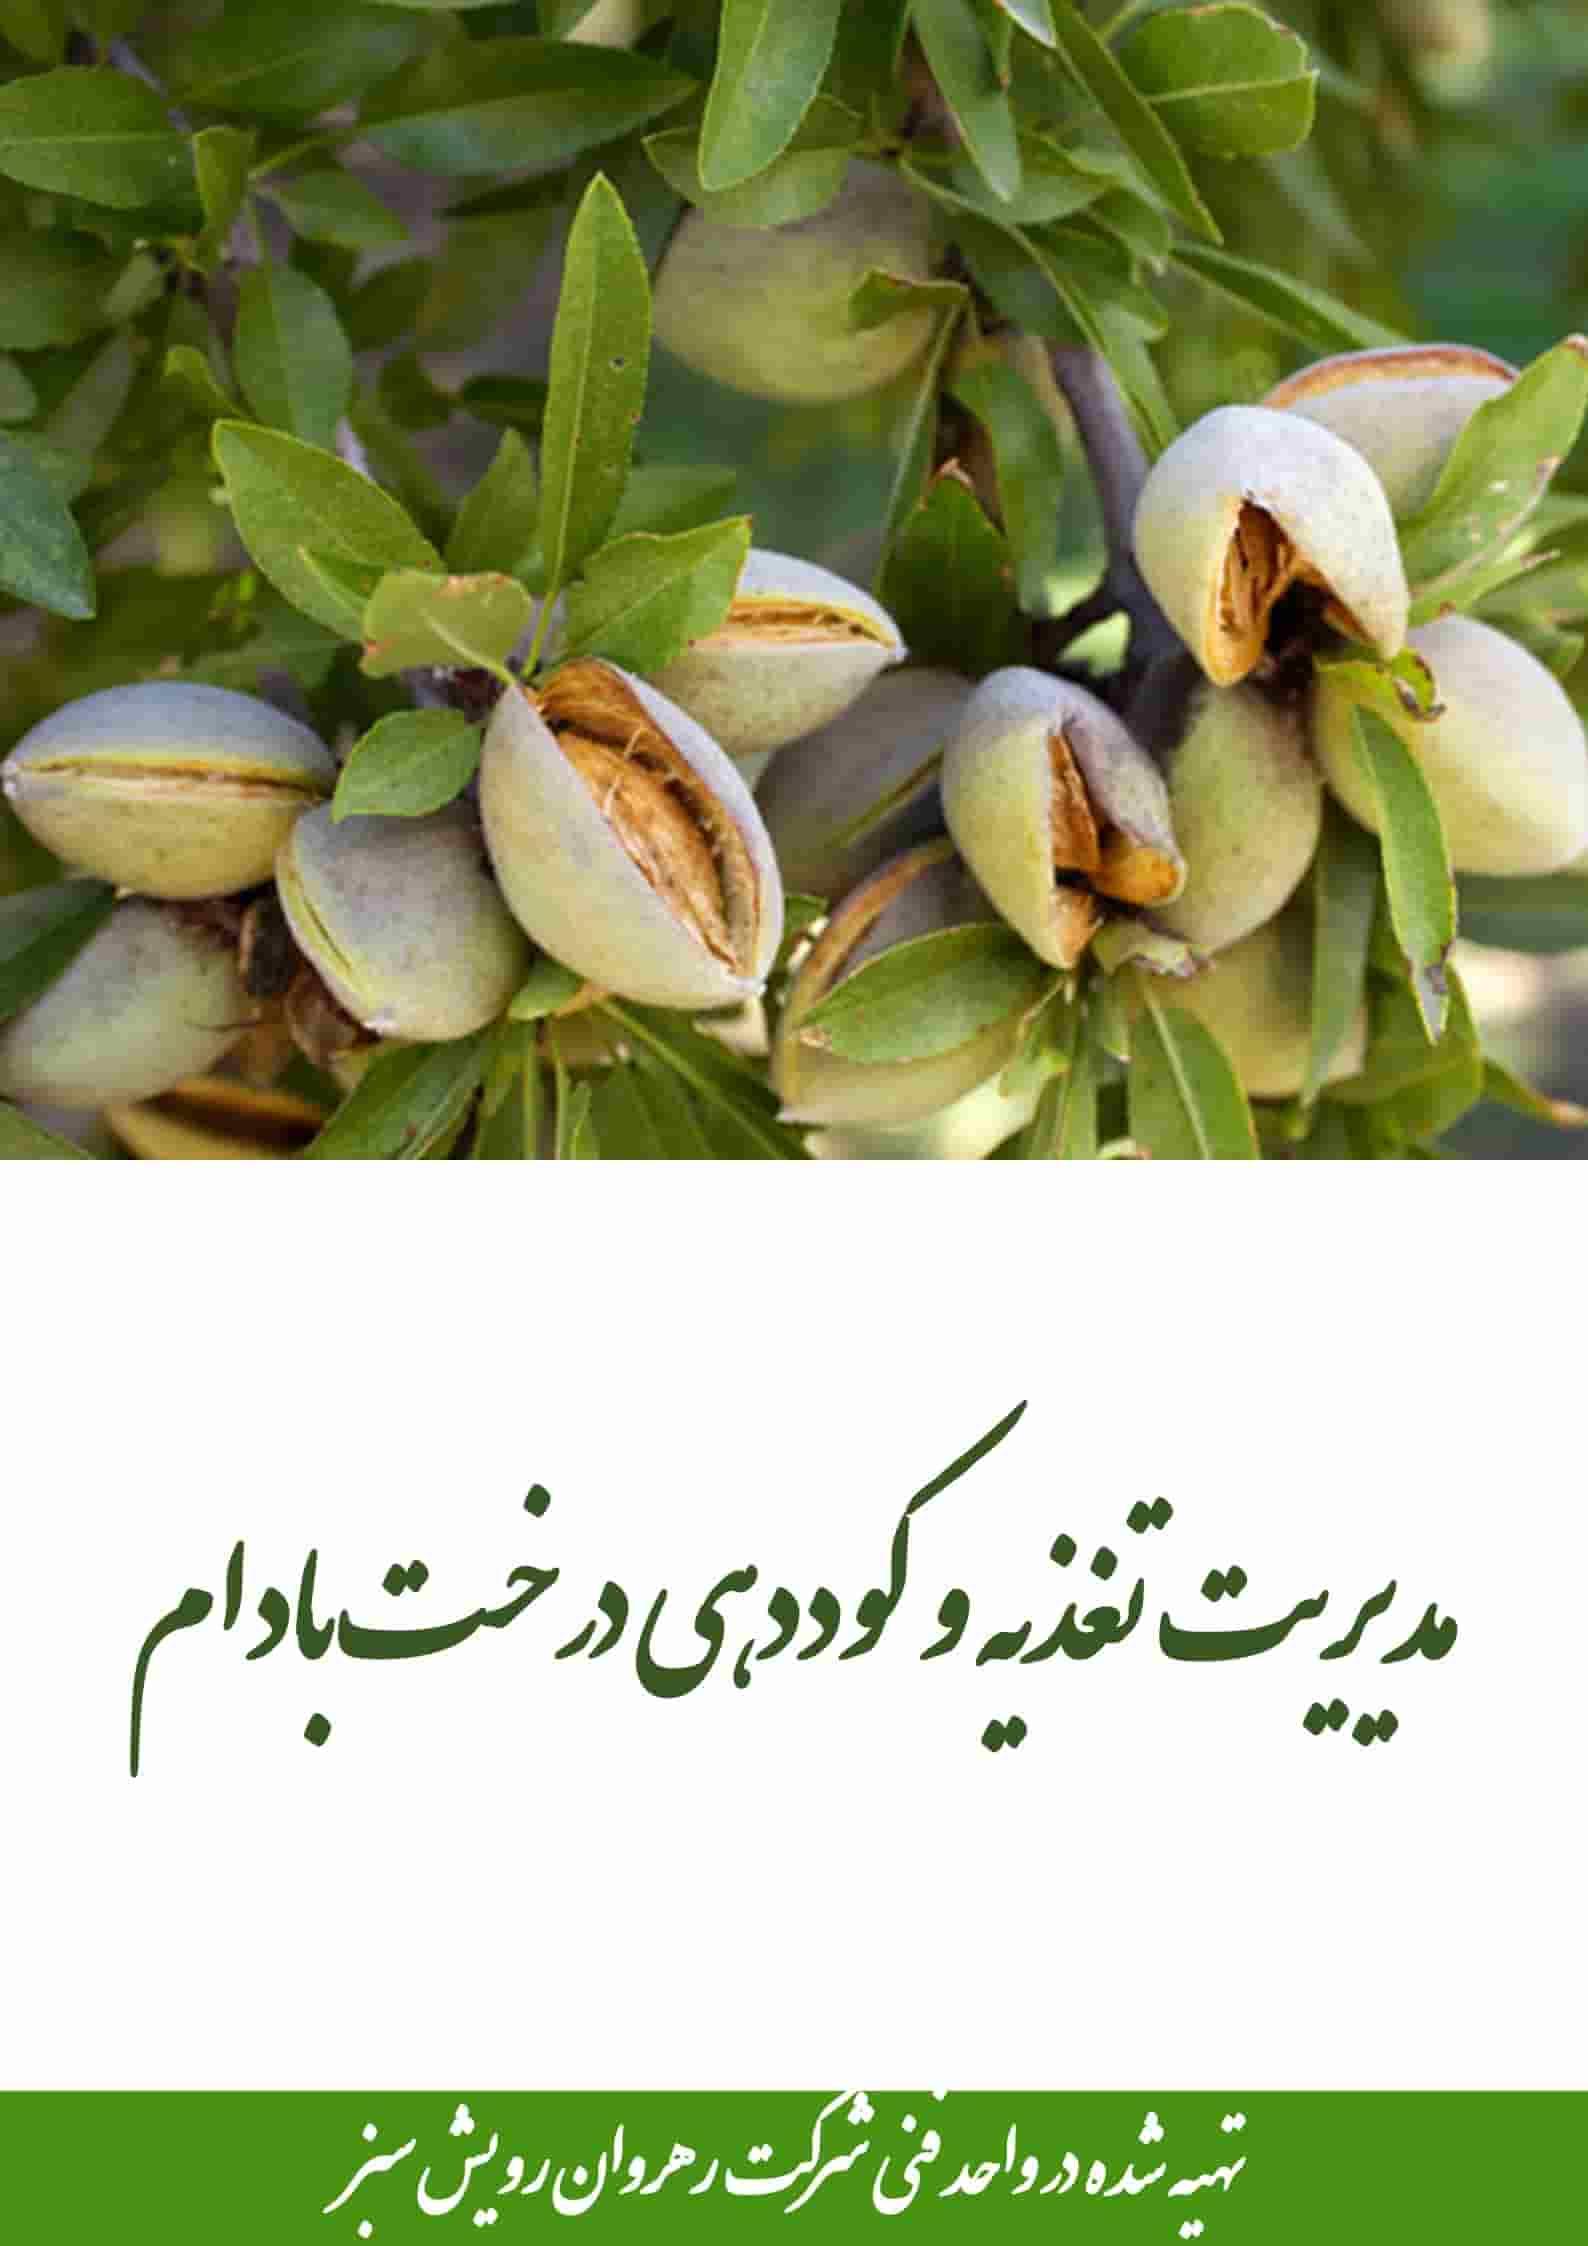 مدیریت تغذیه و کوددهی درخت بادام